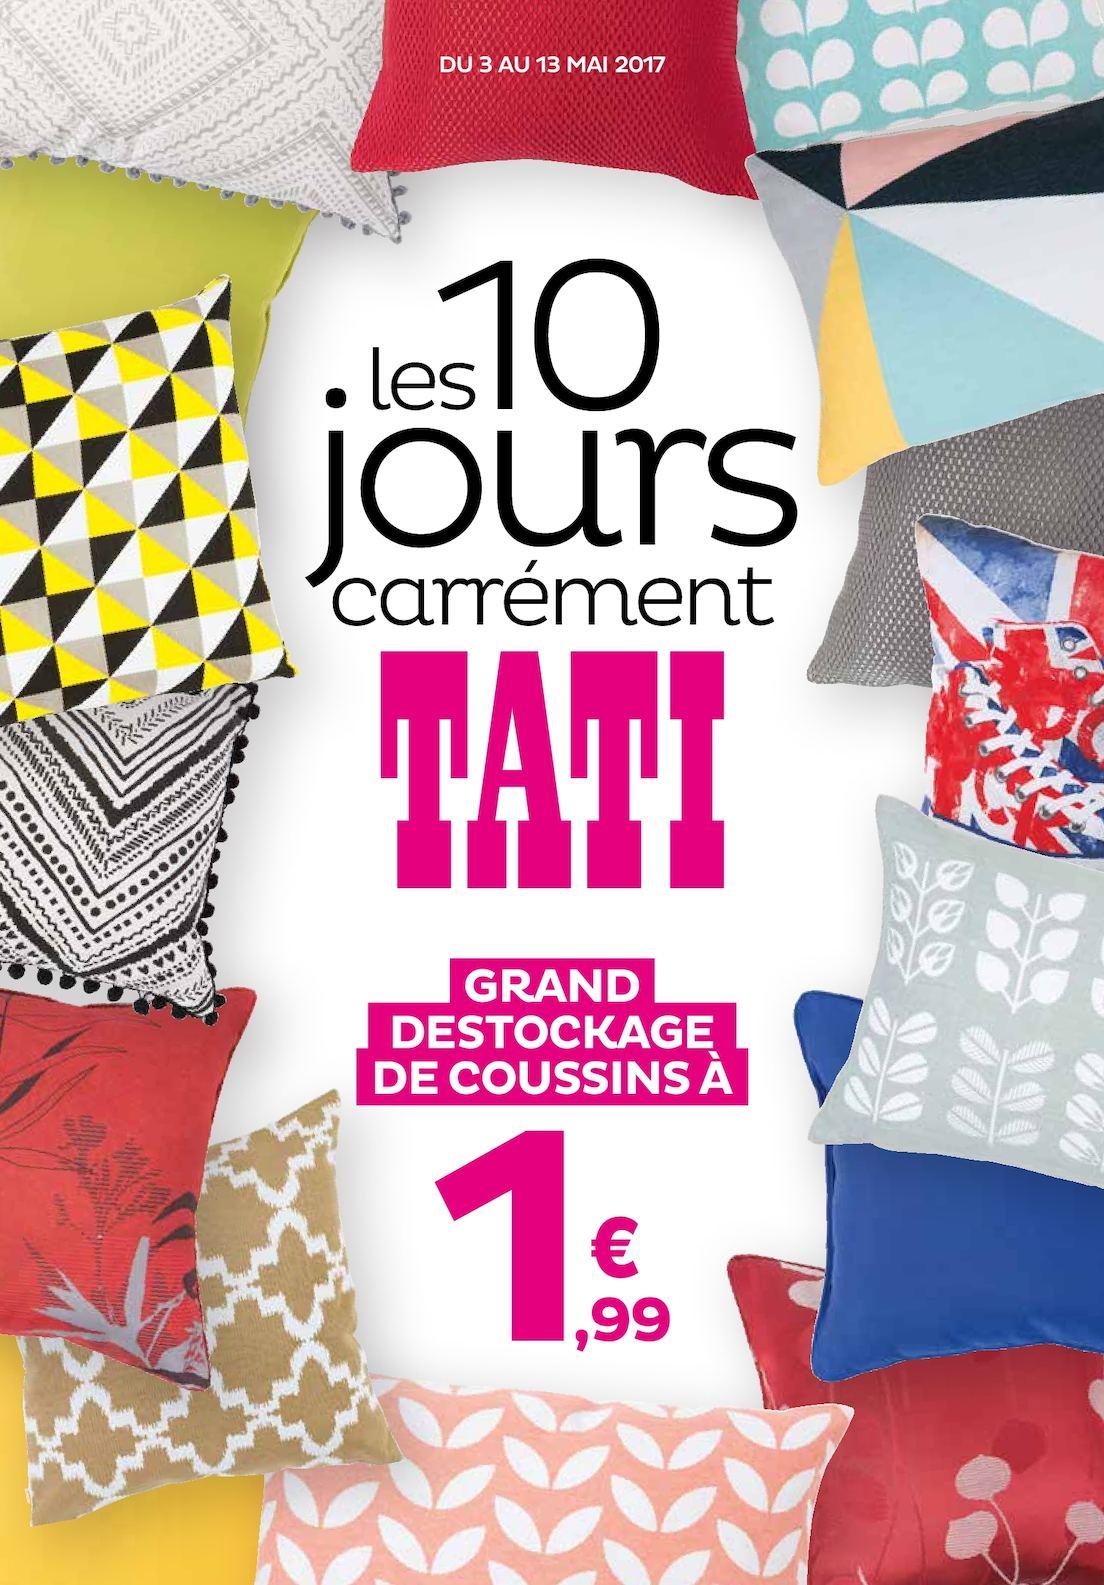 75e23d1119 Carrément Calaméo Jours 10 Les Tati c1lJTFK3u